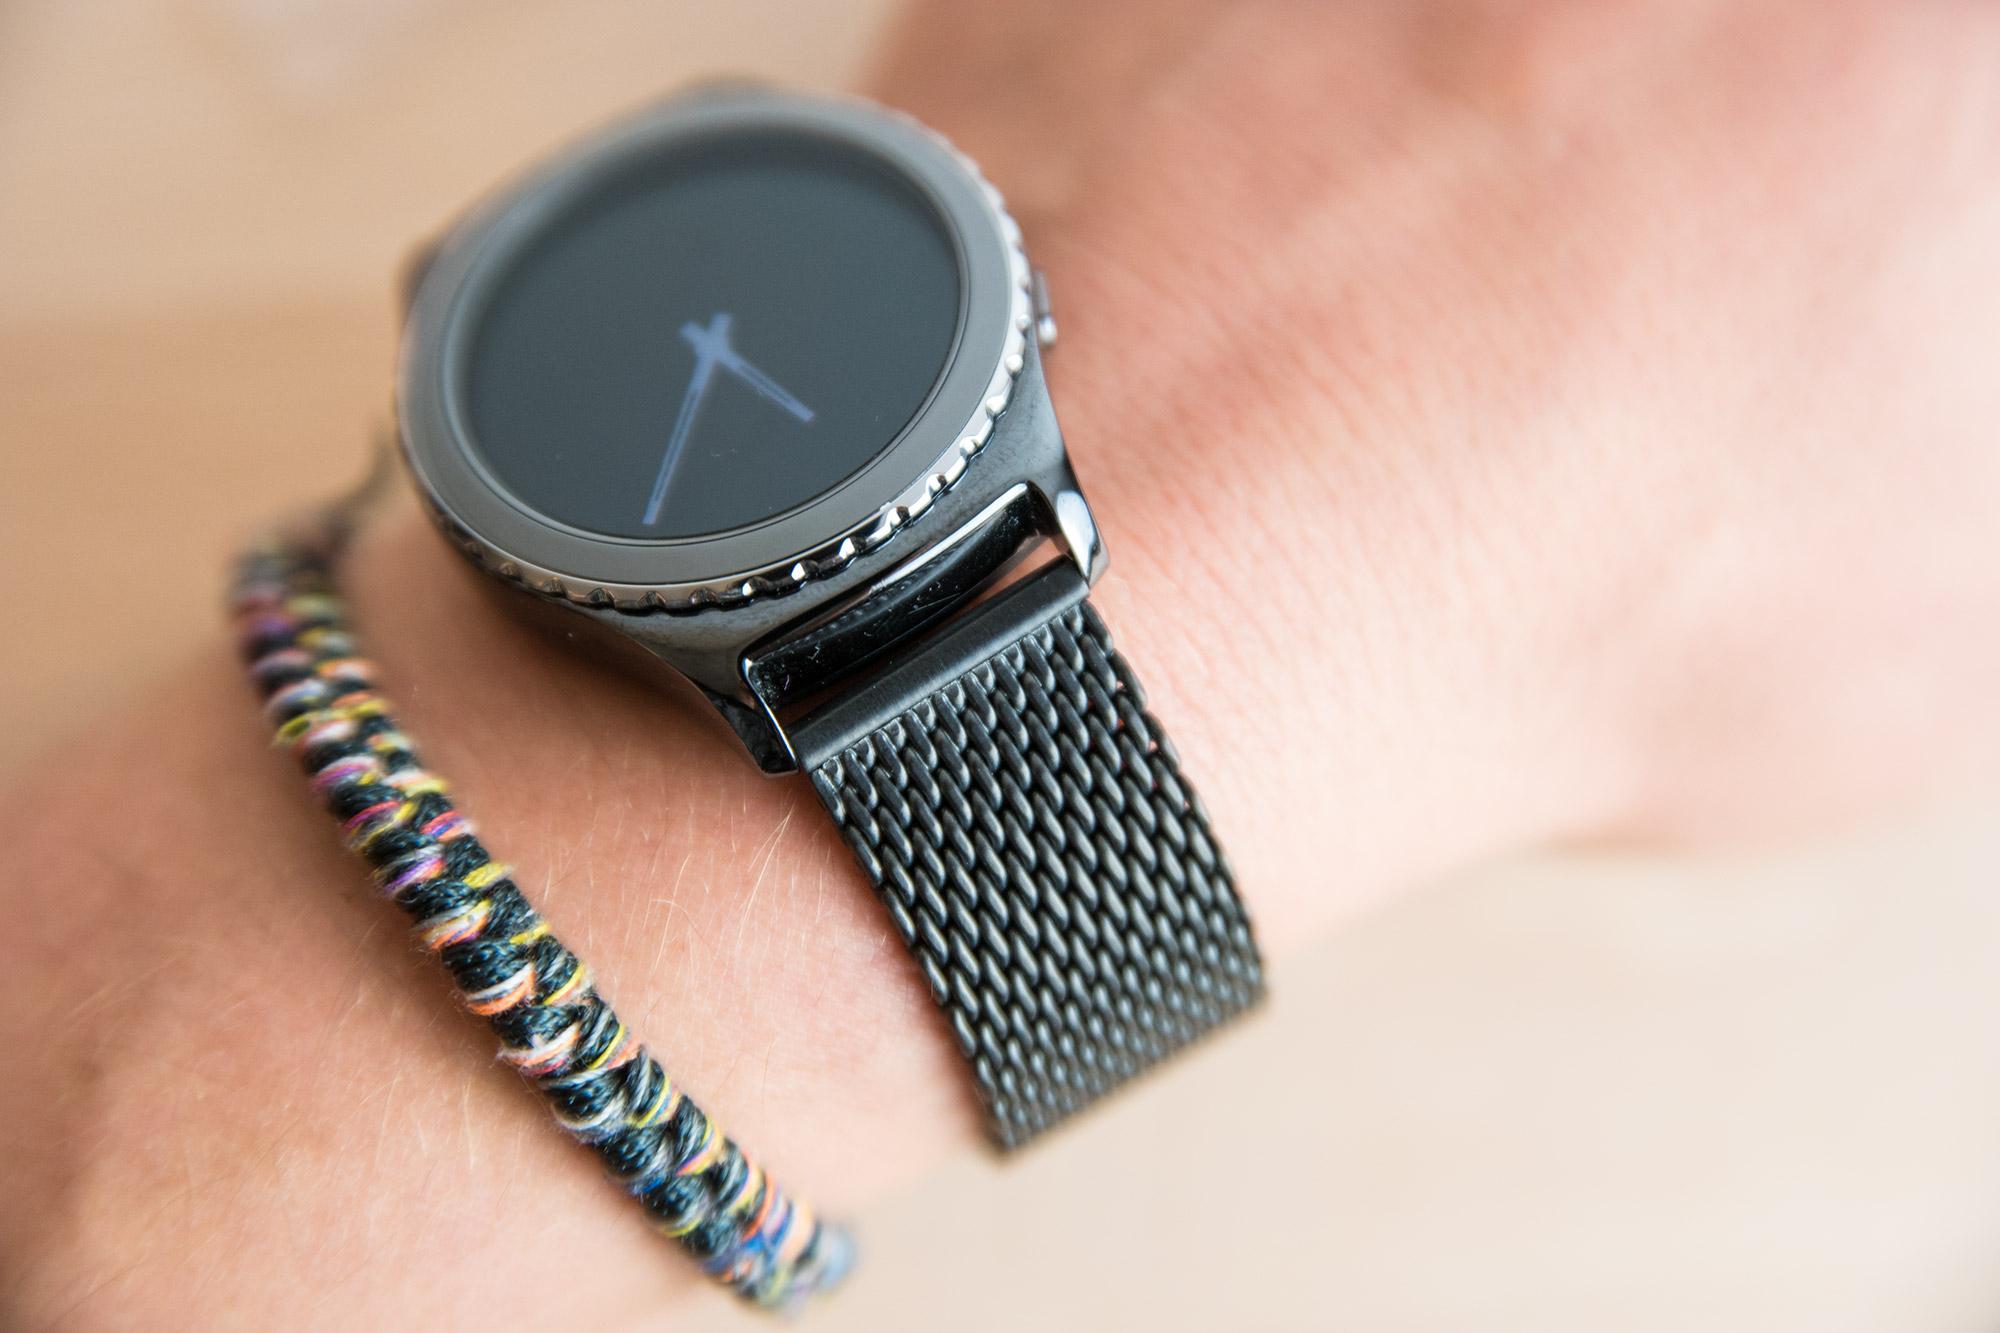 Samsung Gear S2 Classic: Armband wechseln & WatchGecko ...